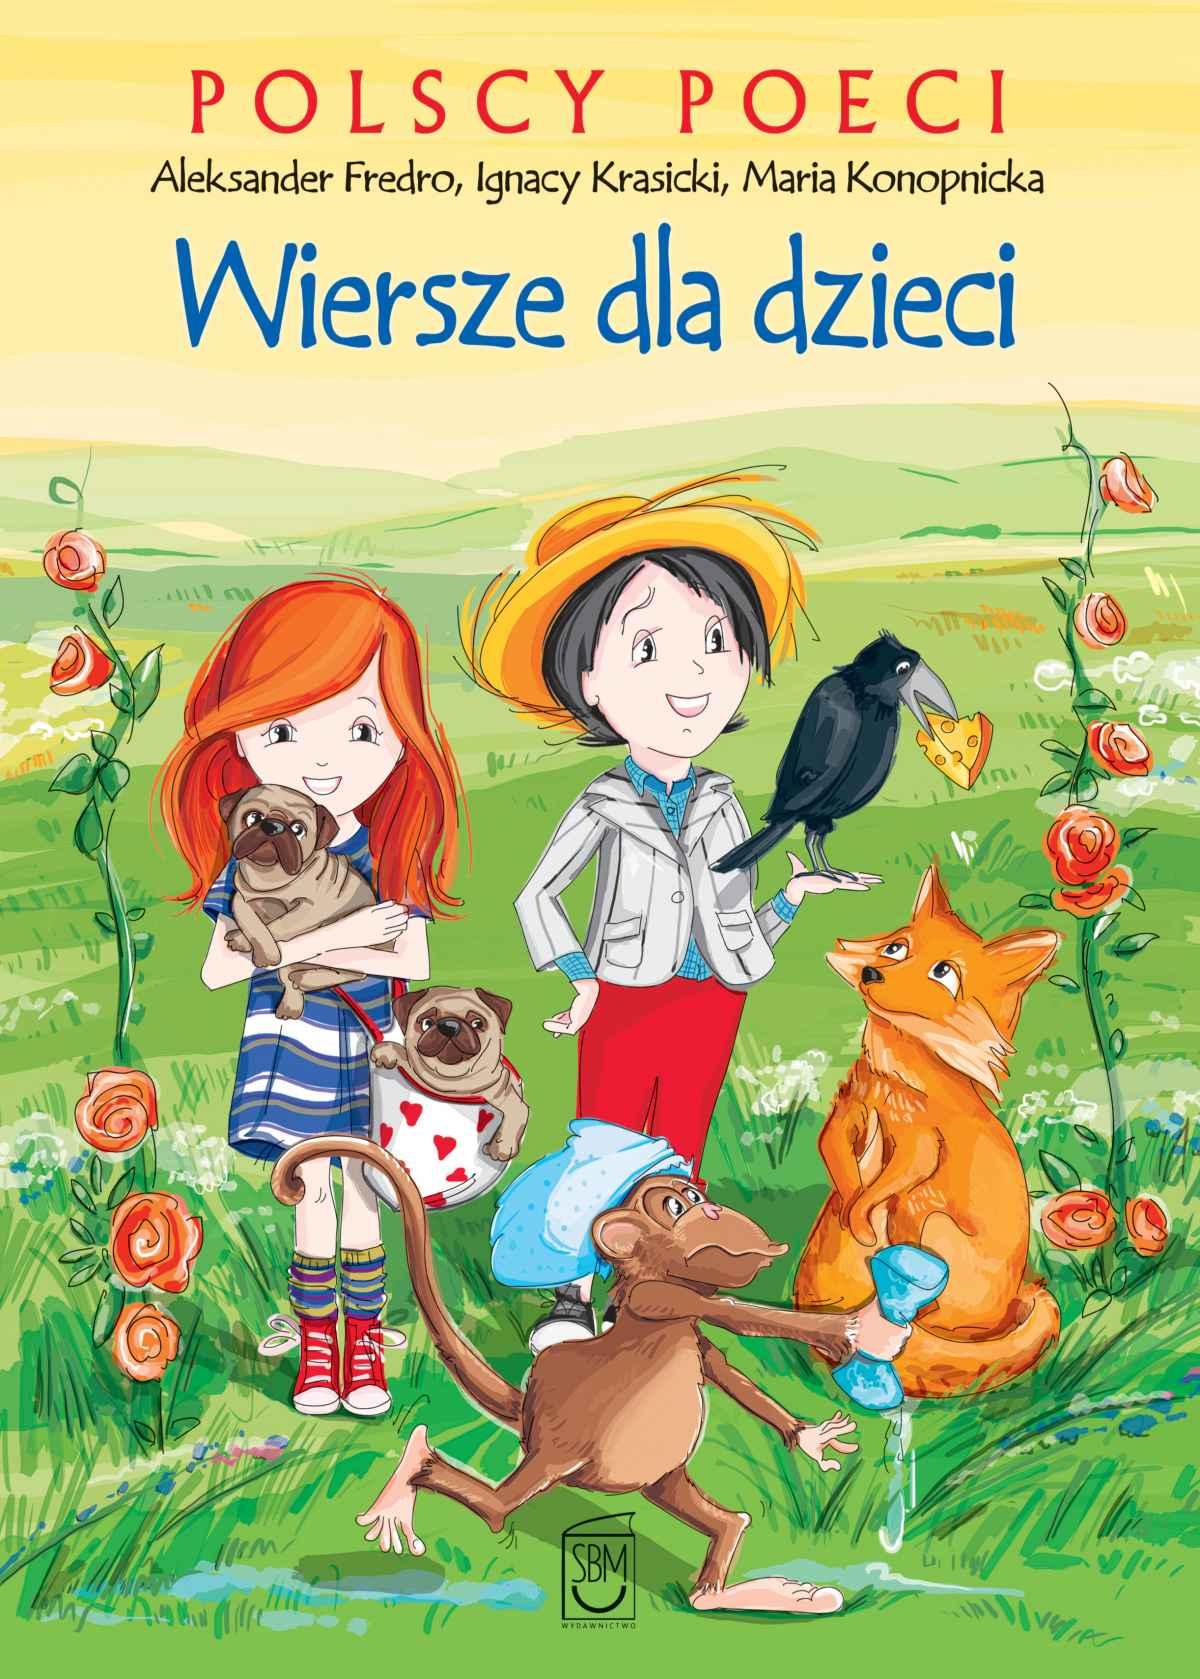 Polscy poeci. Wiersze dla dzieci. Fredro, Konopnicka - Ebook (Książka PDF) do pobrania w formacie PDF